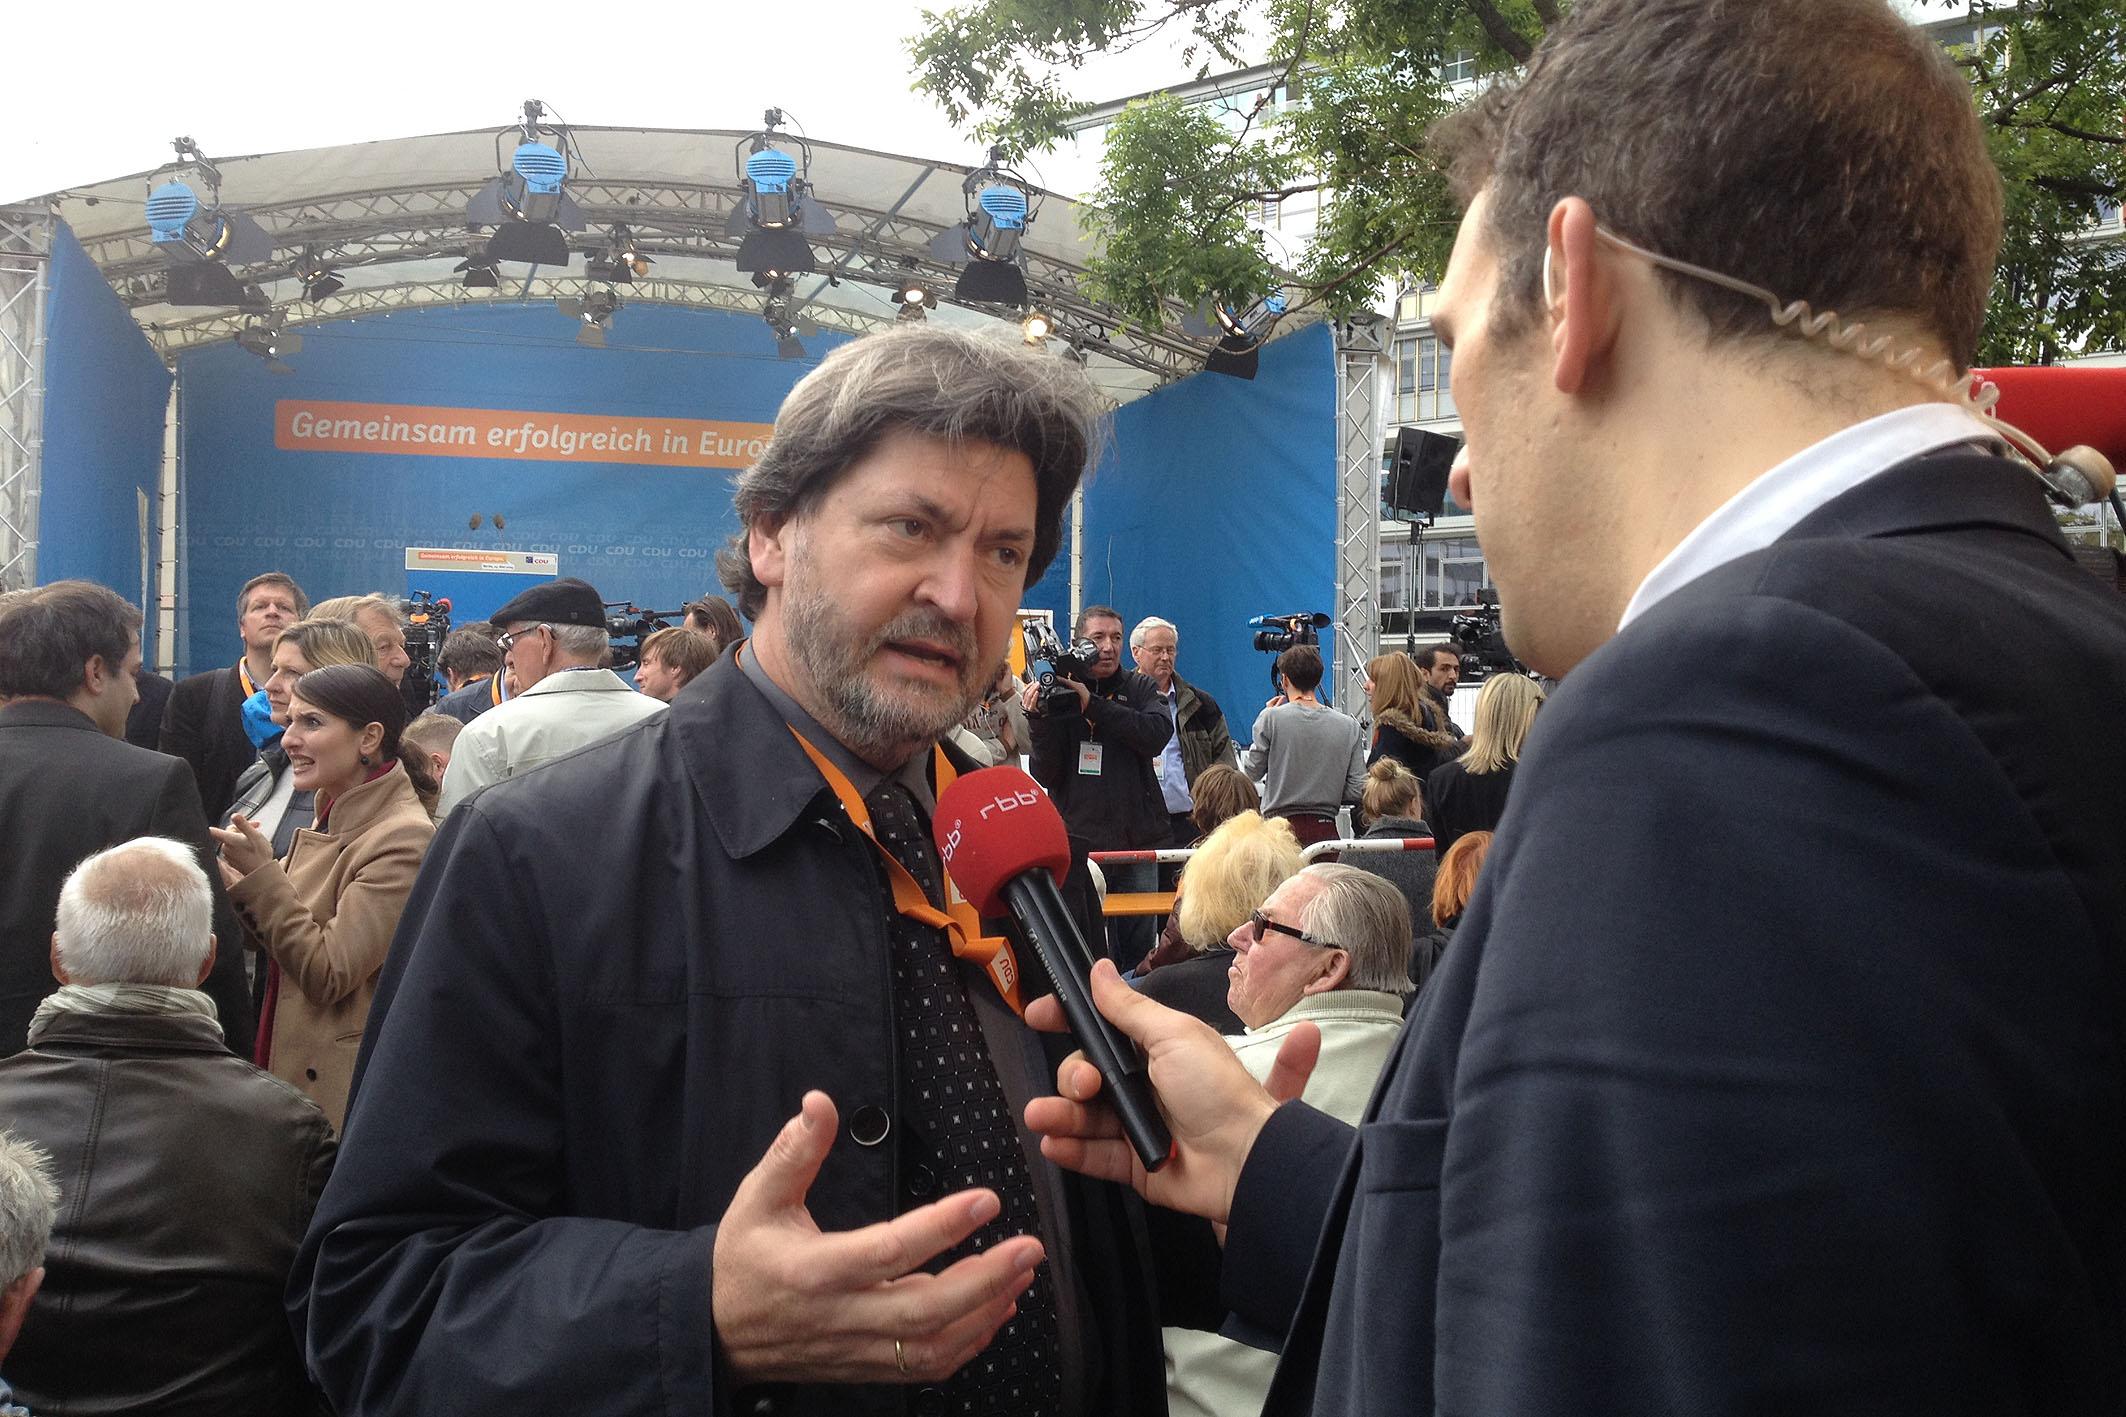 Joachim Zeller auf dem Europafest 2014 im Fernsehinterview